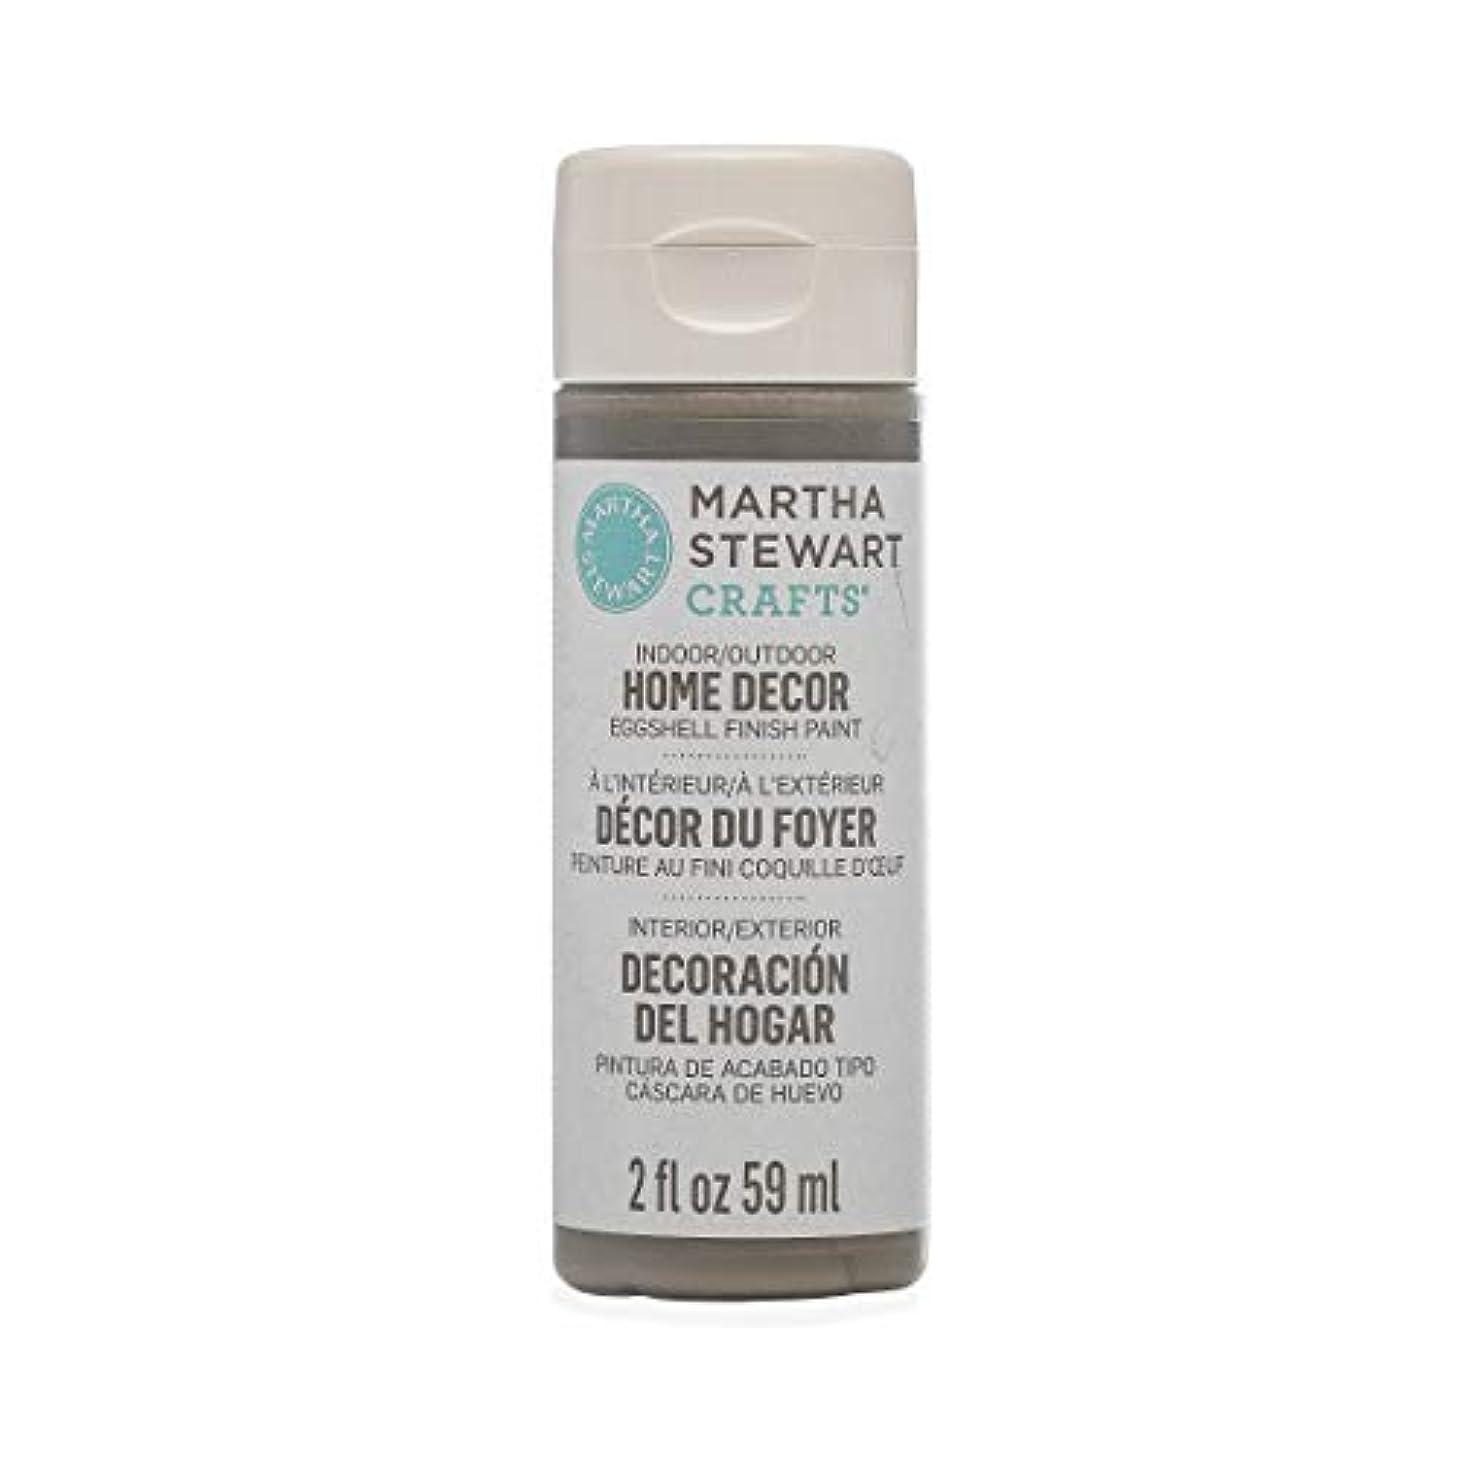 Martha Stewart Crafts Home Decor Eggshell Paint: Zinc (2 ounce)